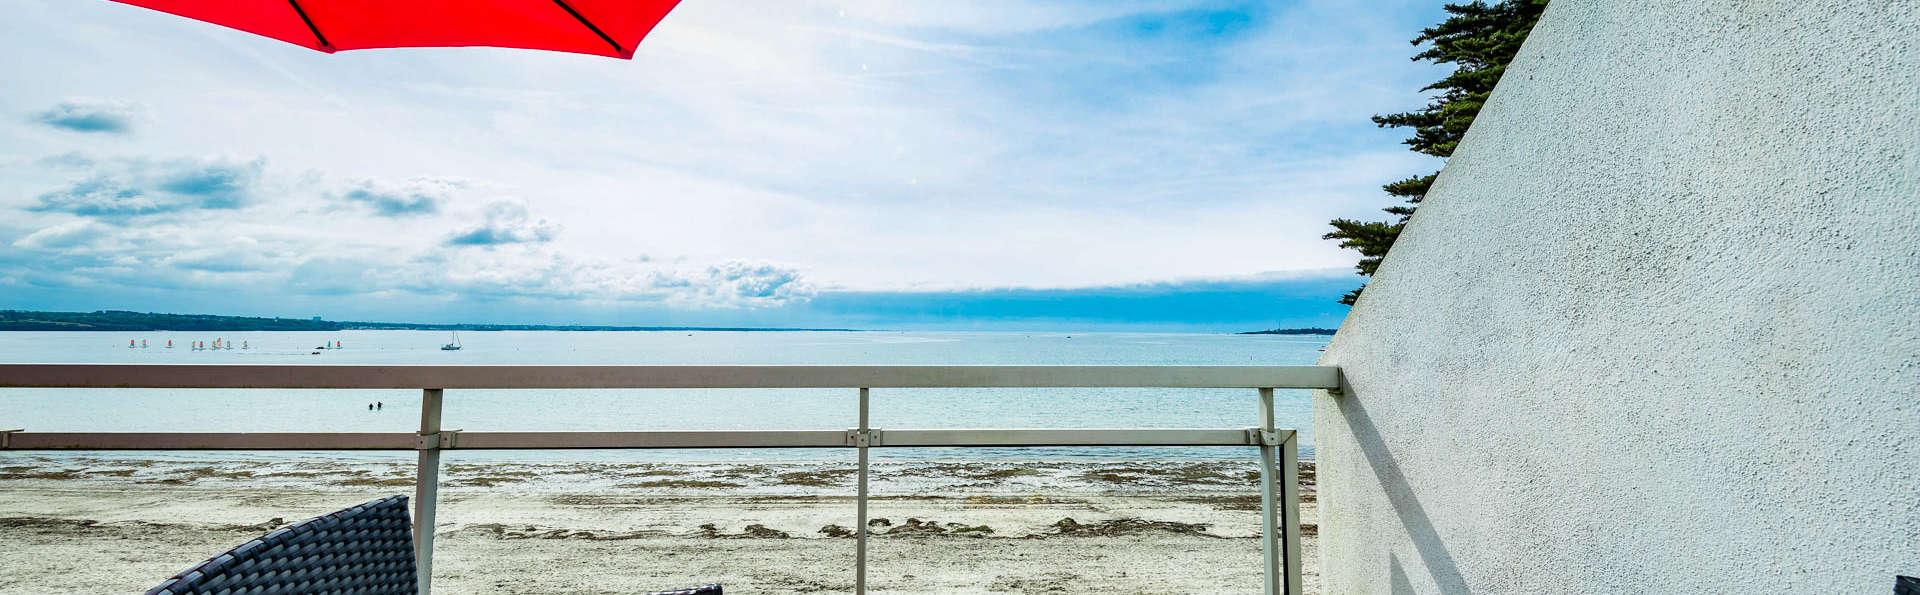 Week-end au bord de la mer près de Bénodet et Concarneau